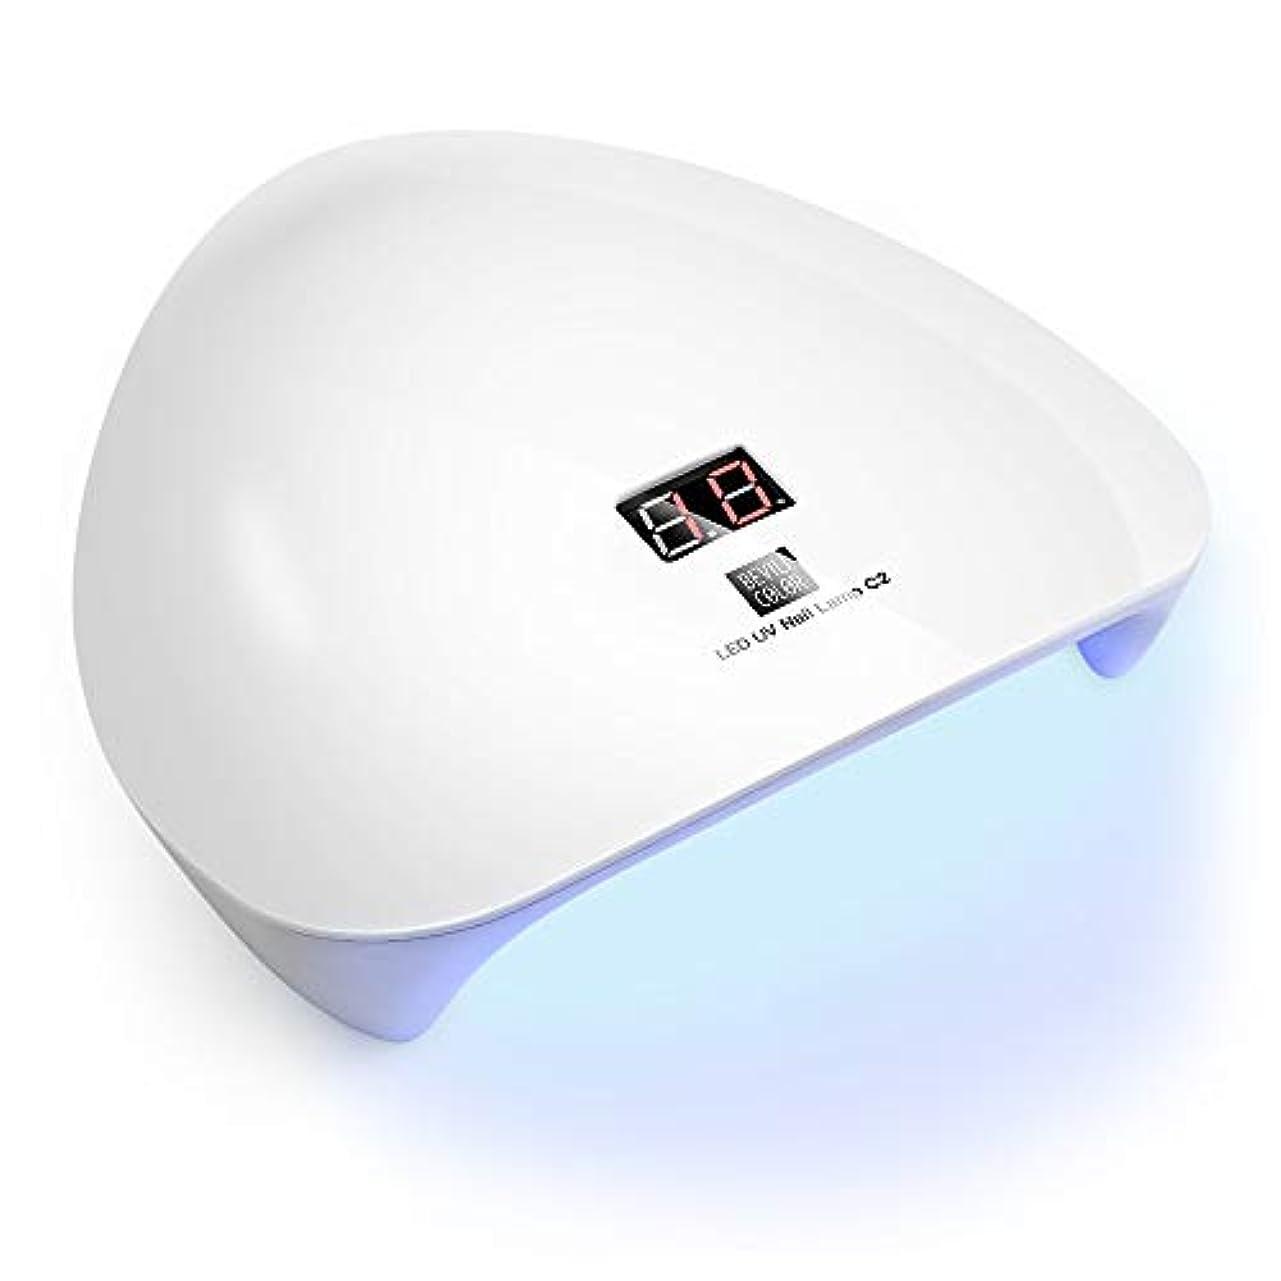 く含む復活させるWEVILI ネイル硬化用ライト UVライト LEDライト UVライトネイルドライヤー マニキュア用 LED ネイルドライヤー タイマー機能 自動センサー機能 レジン 便利 (45W 硬化用UVライト)